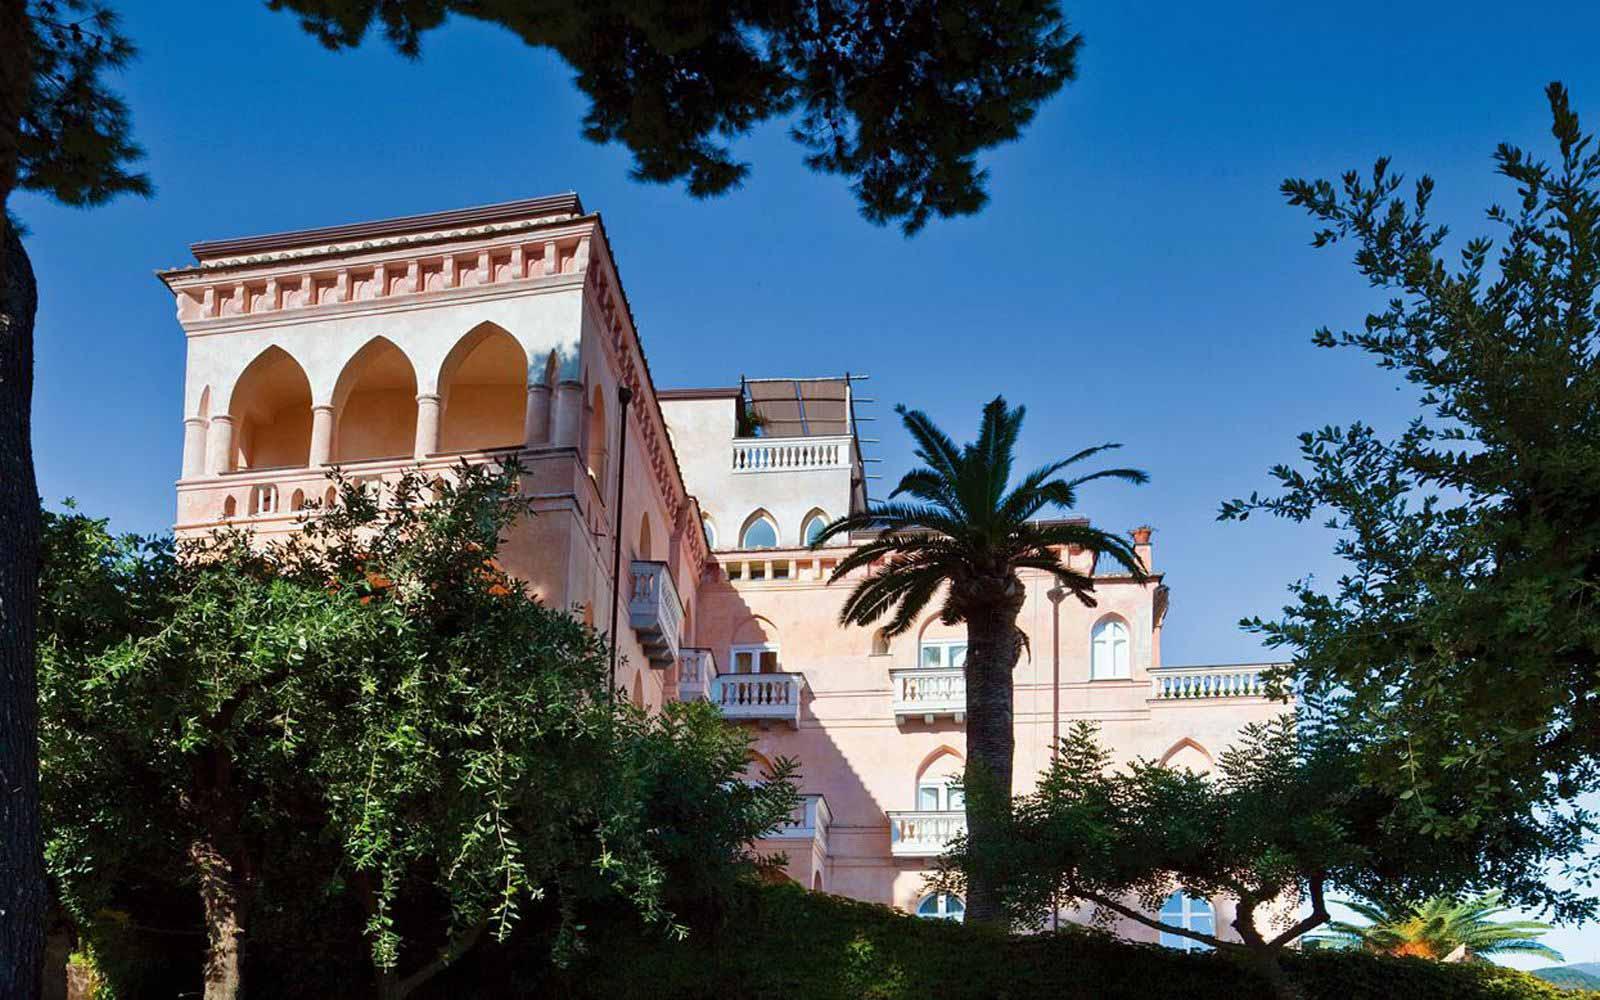 Palazzo Avino Gardenside